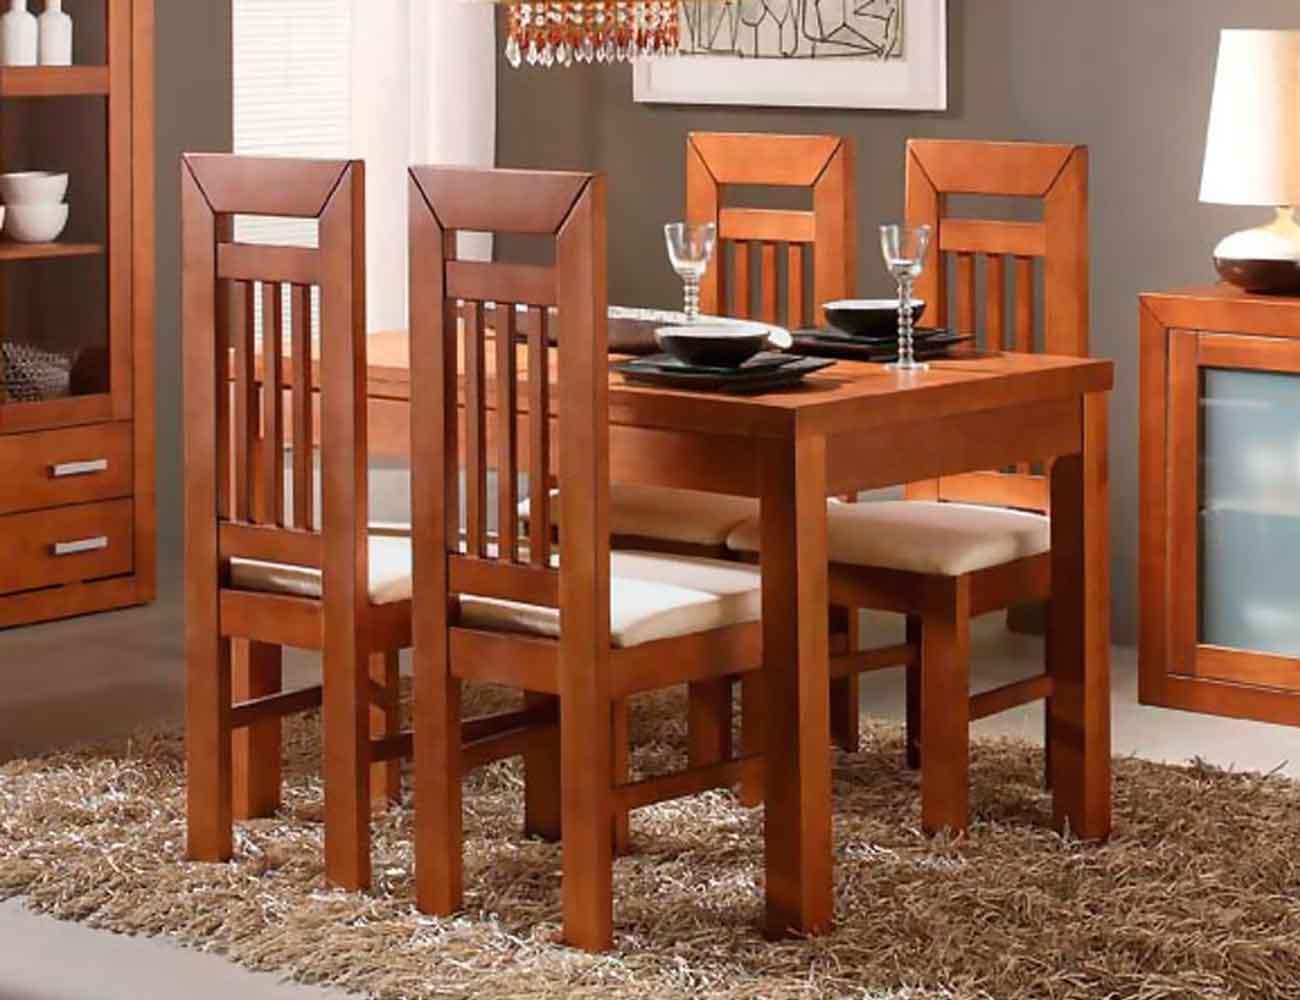 Muebles de sal n comedor estilo colonial en madera for Mueble comedor minimalista